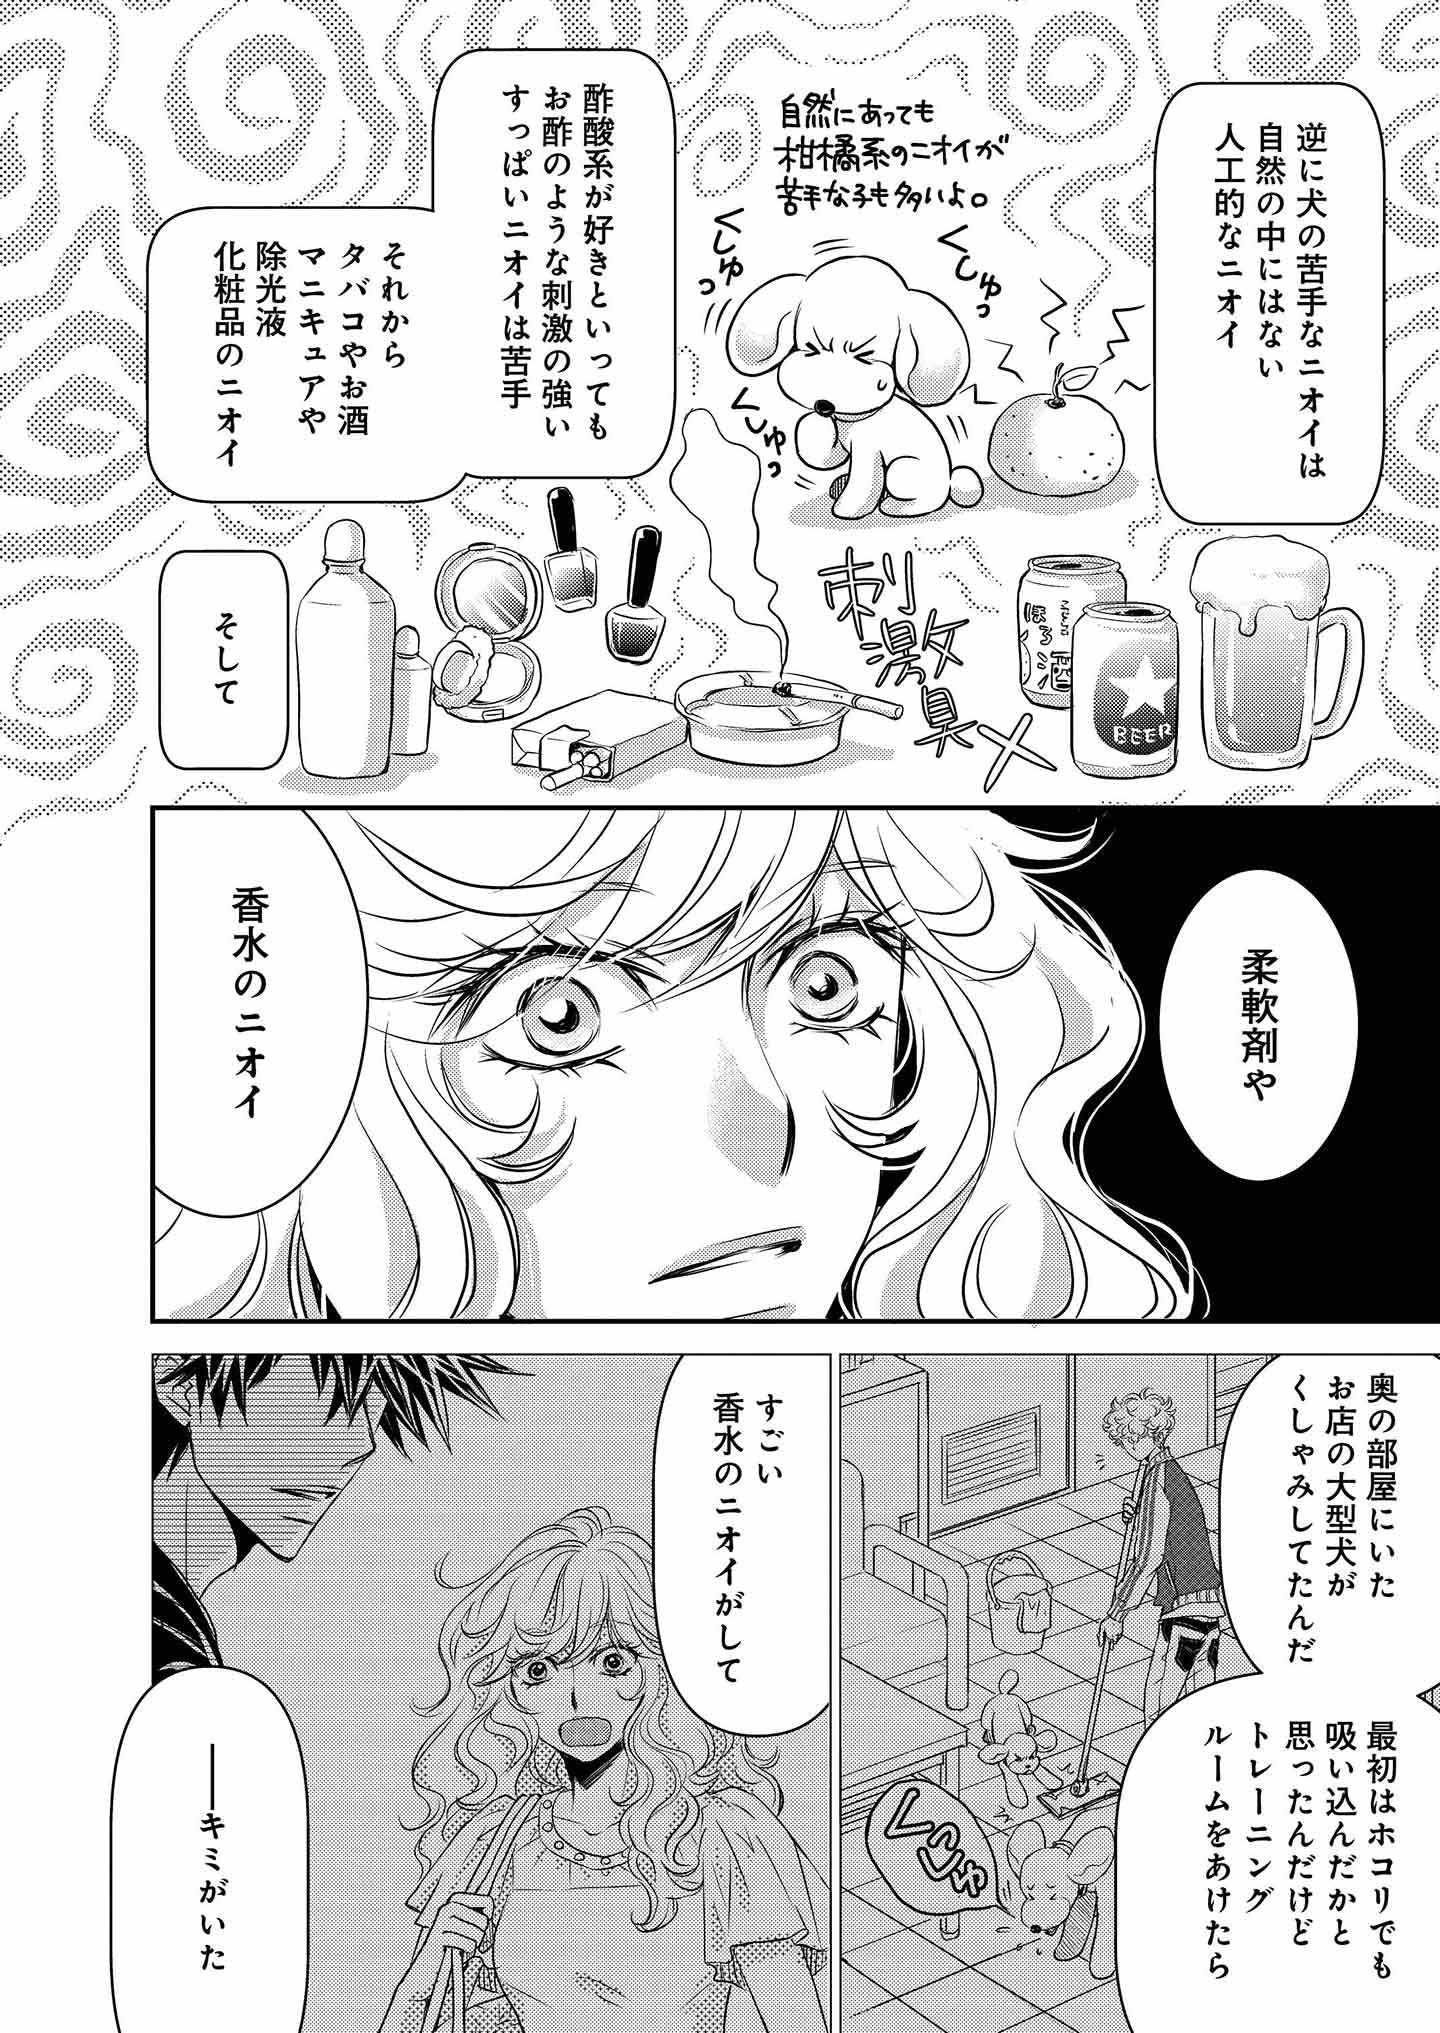 『DOG SIGNAL』15話目② 3ページ目